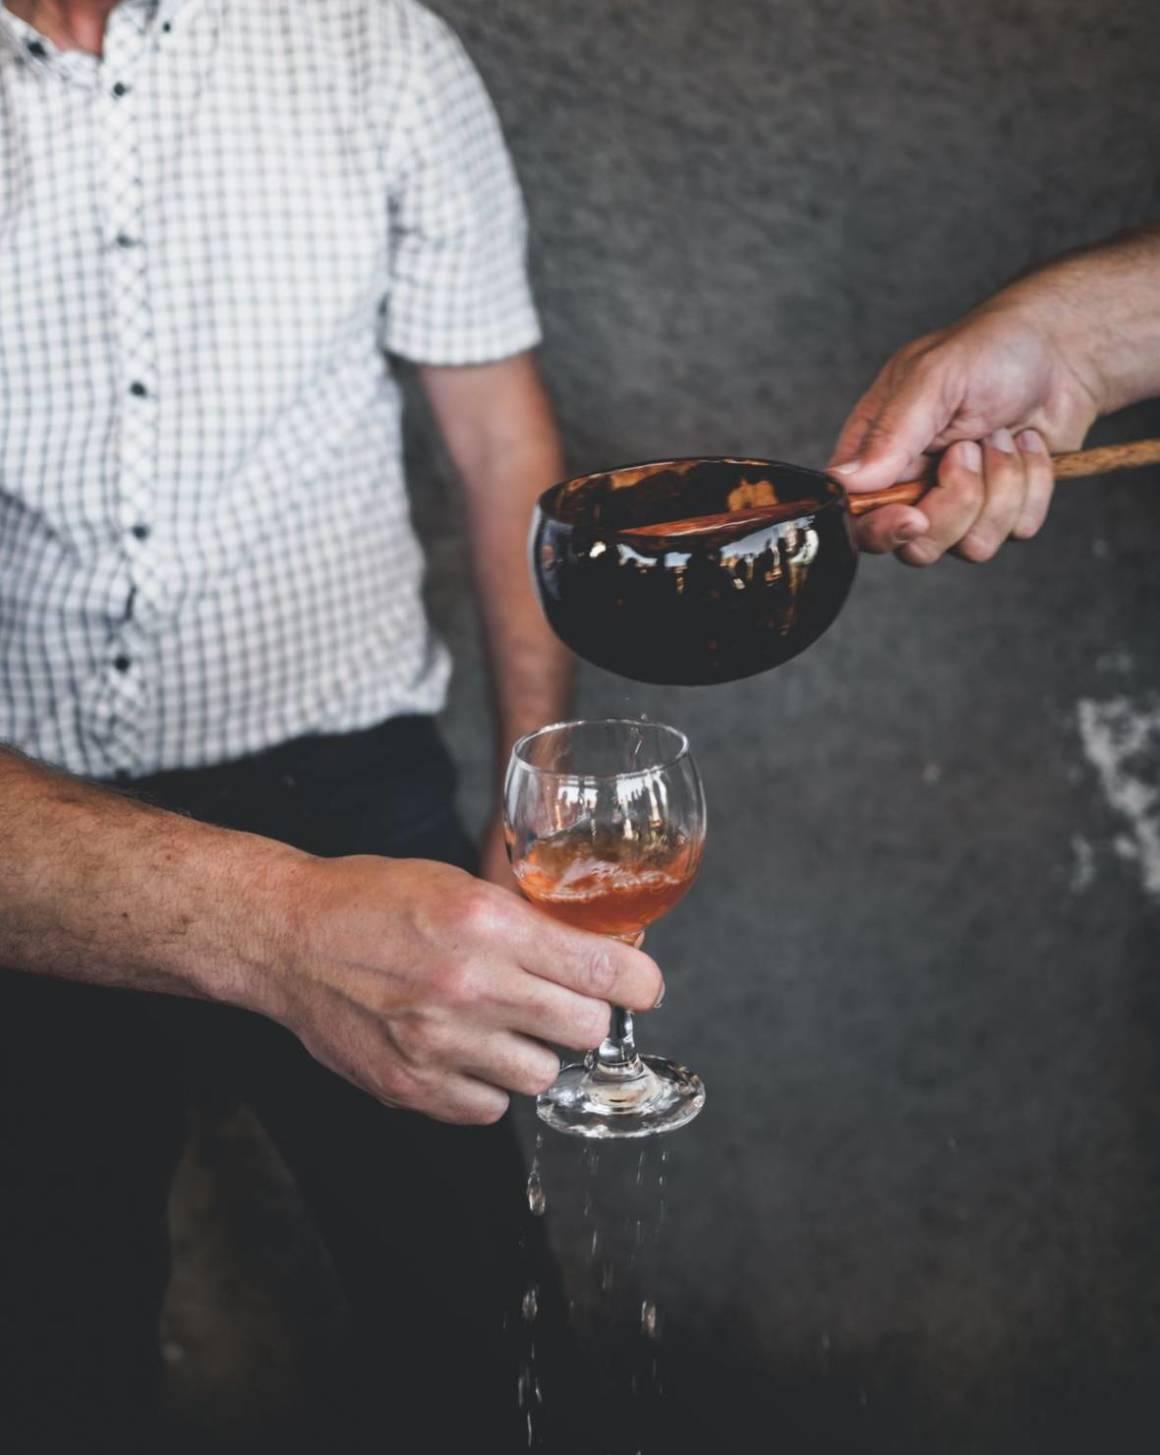 школа сомелье, дегустация вина спб, дегустация вина, грузинское вино, школа сомелье миллезим, курс сомелье, дегустация вина петербург